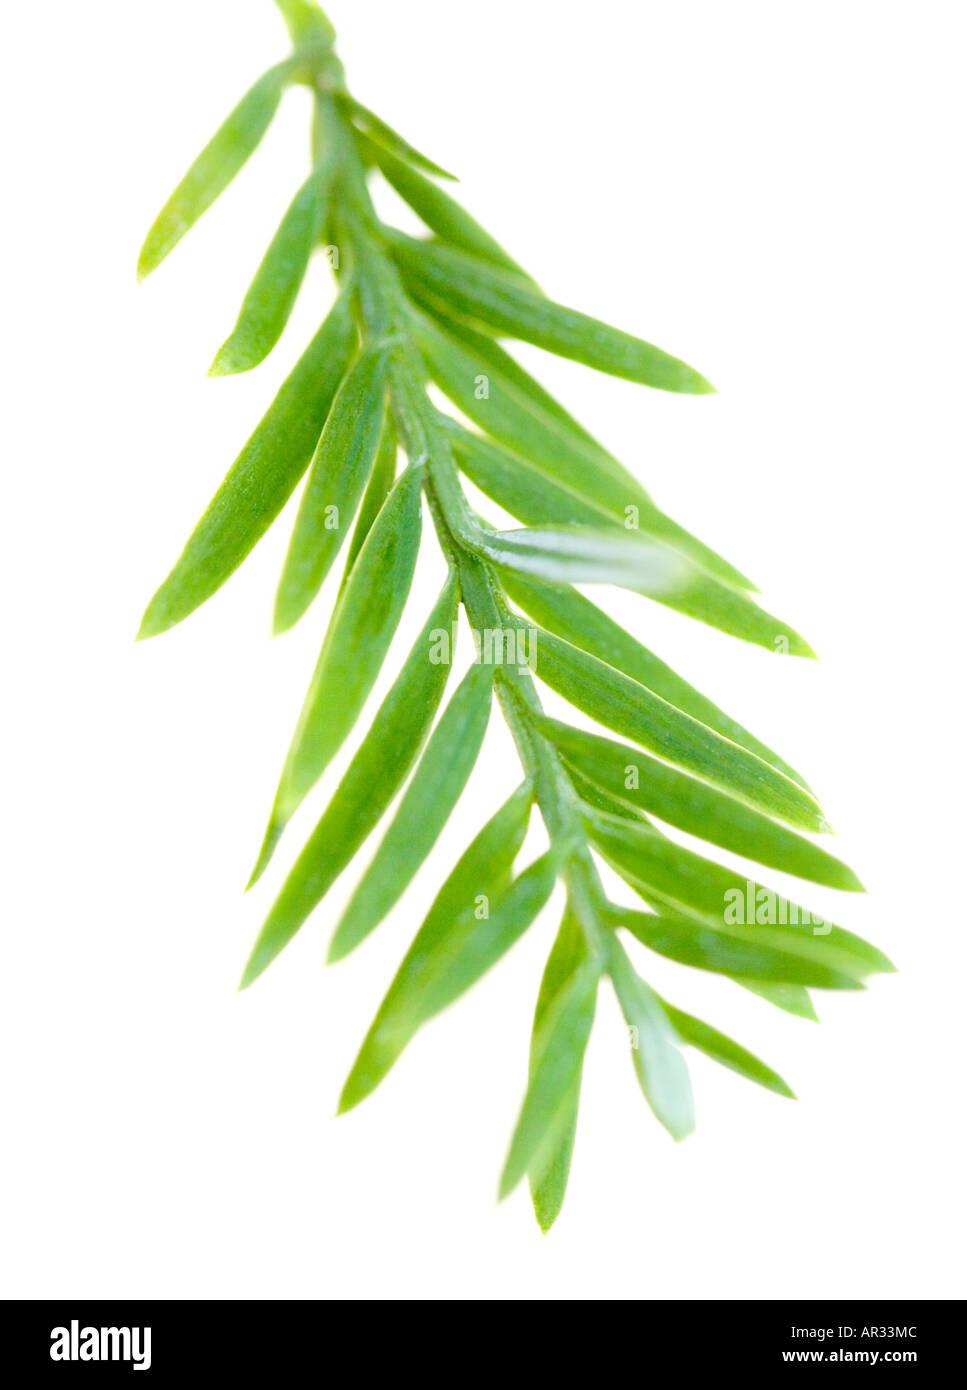 Yew tree foliage on white background - Stock Image